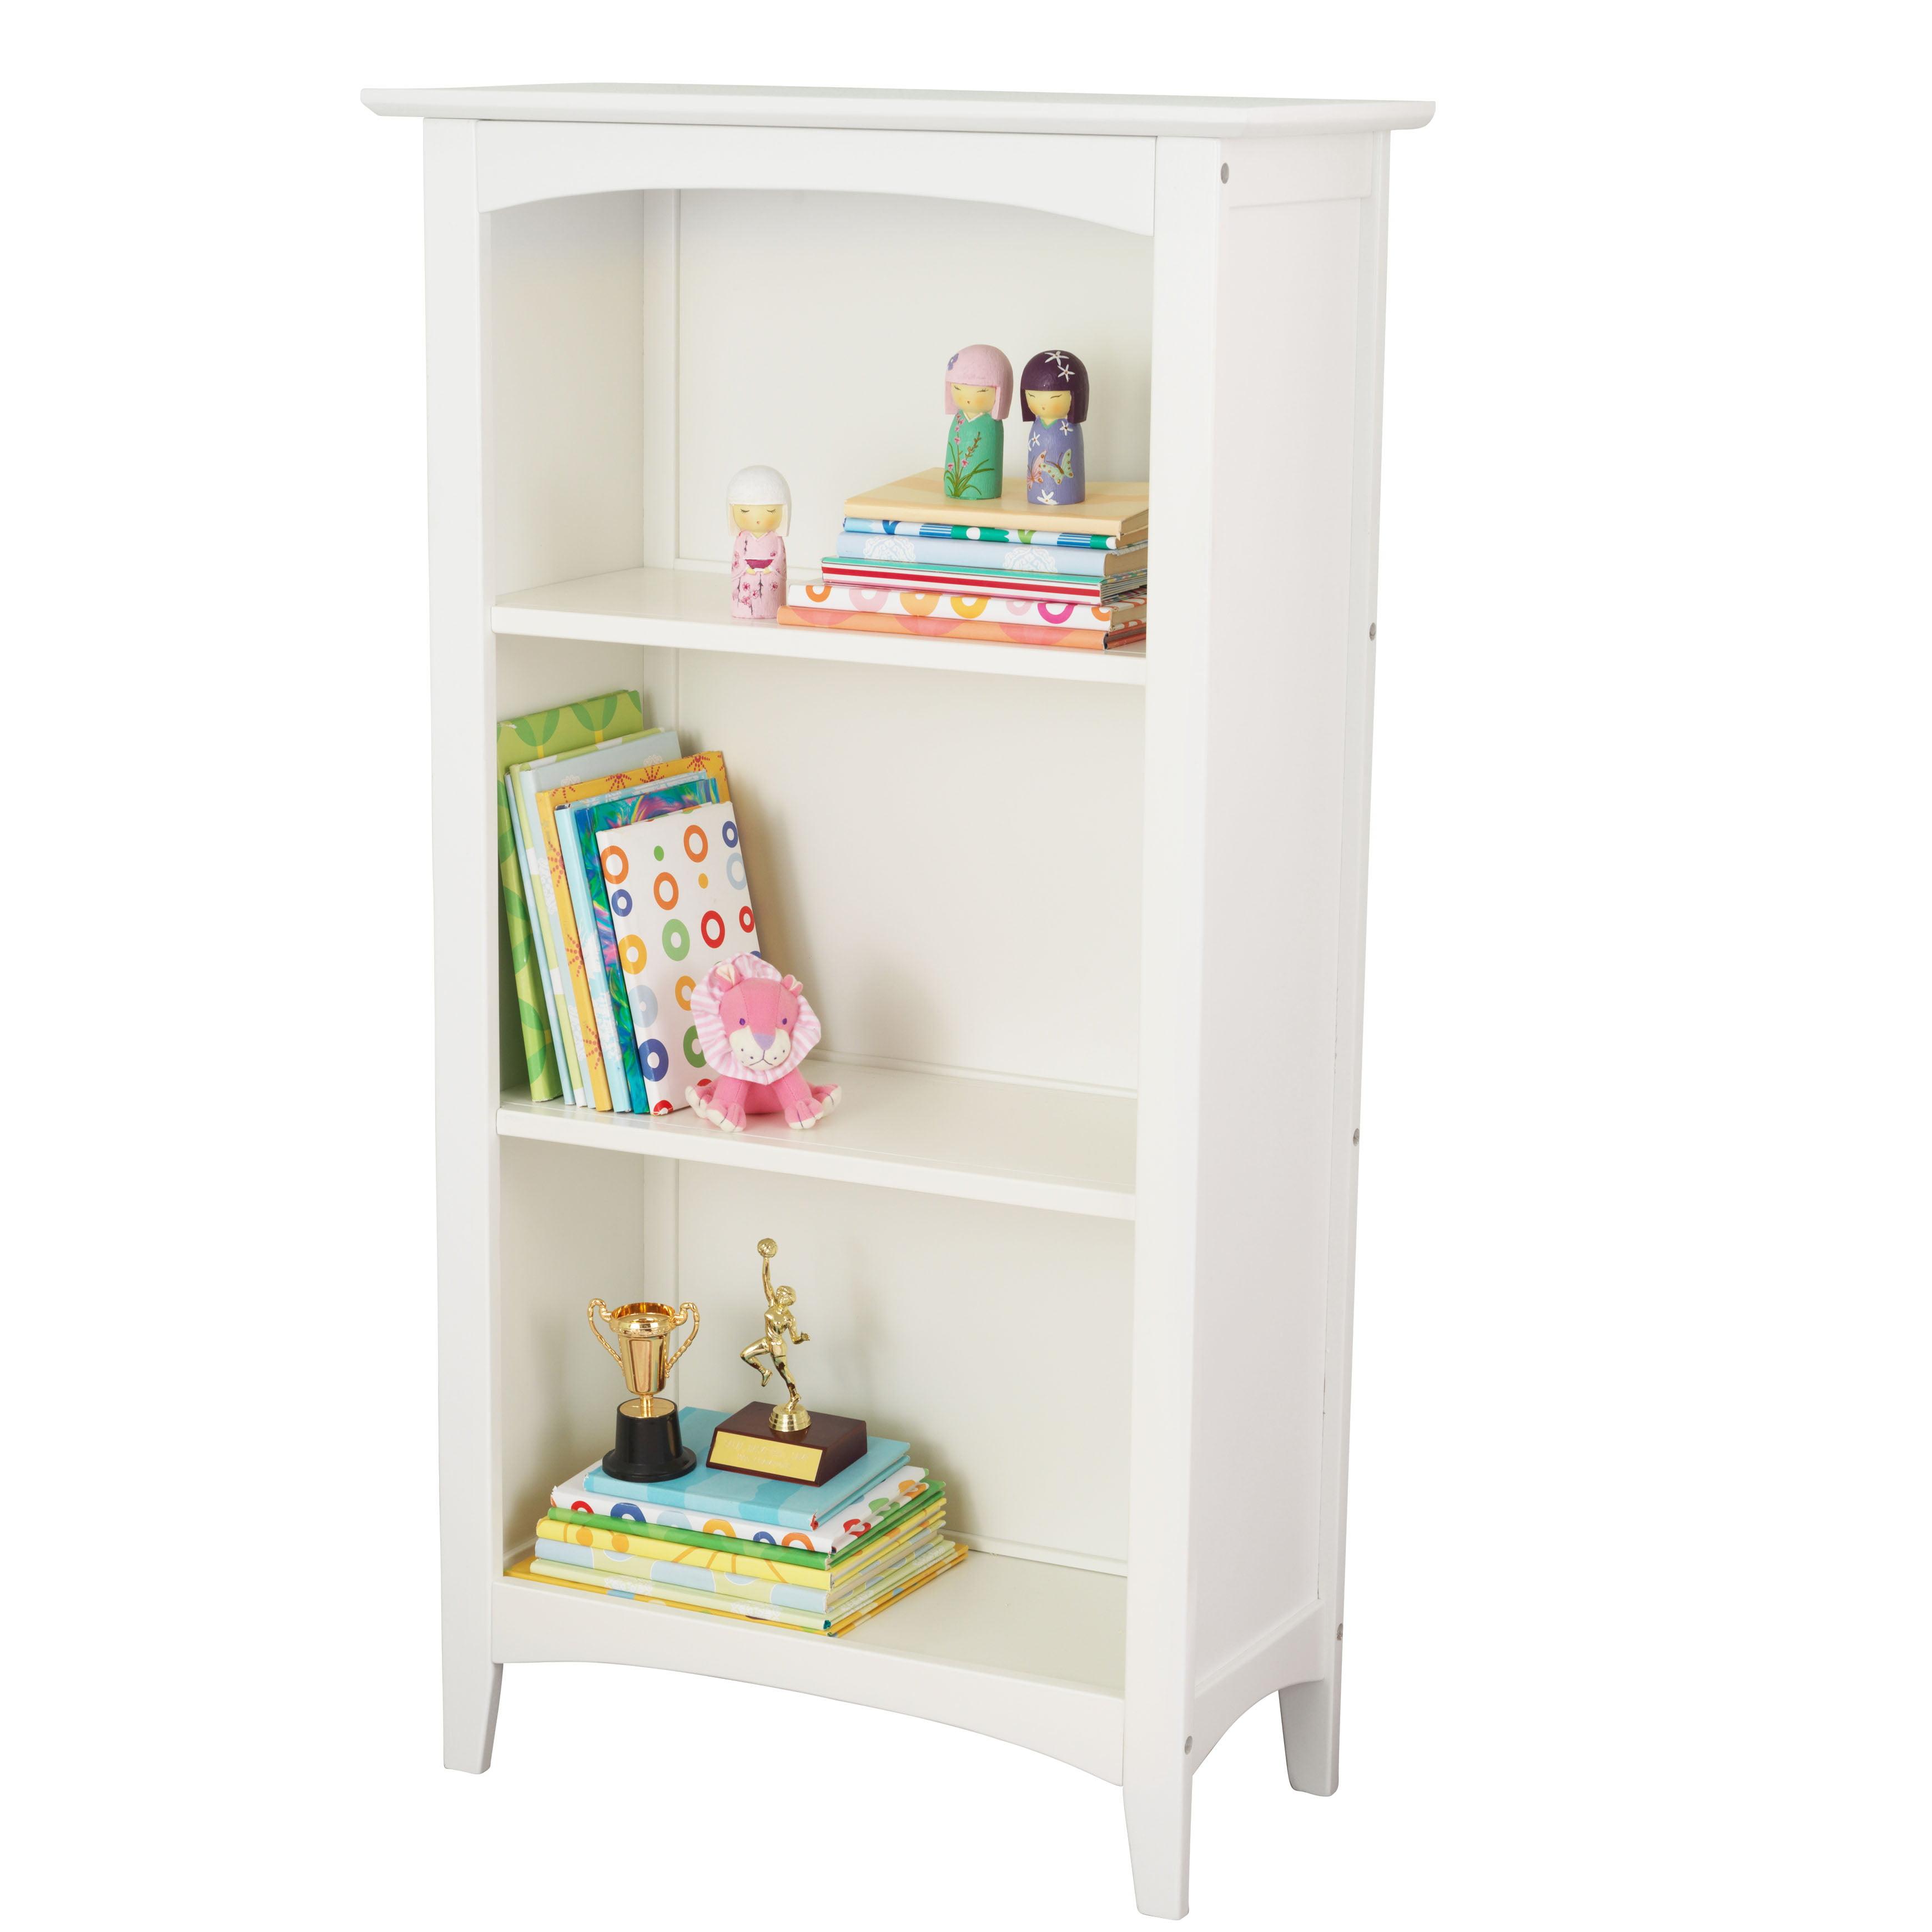 KidKraft Avalon Three-Shelf Bookcase White by KidKraft